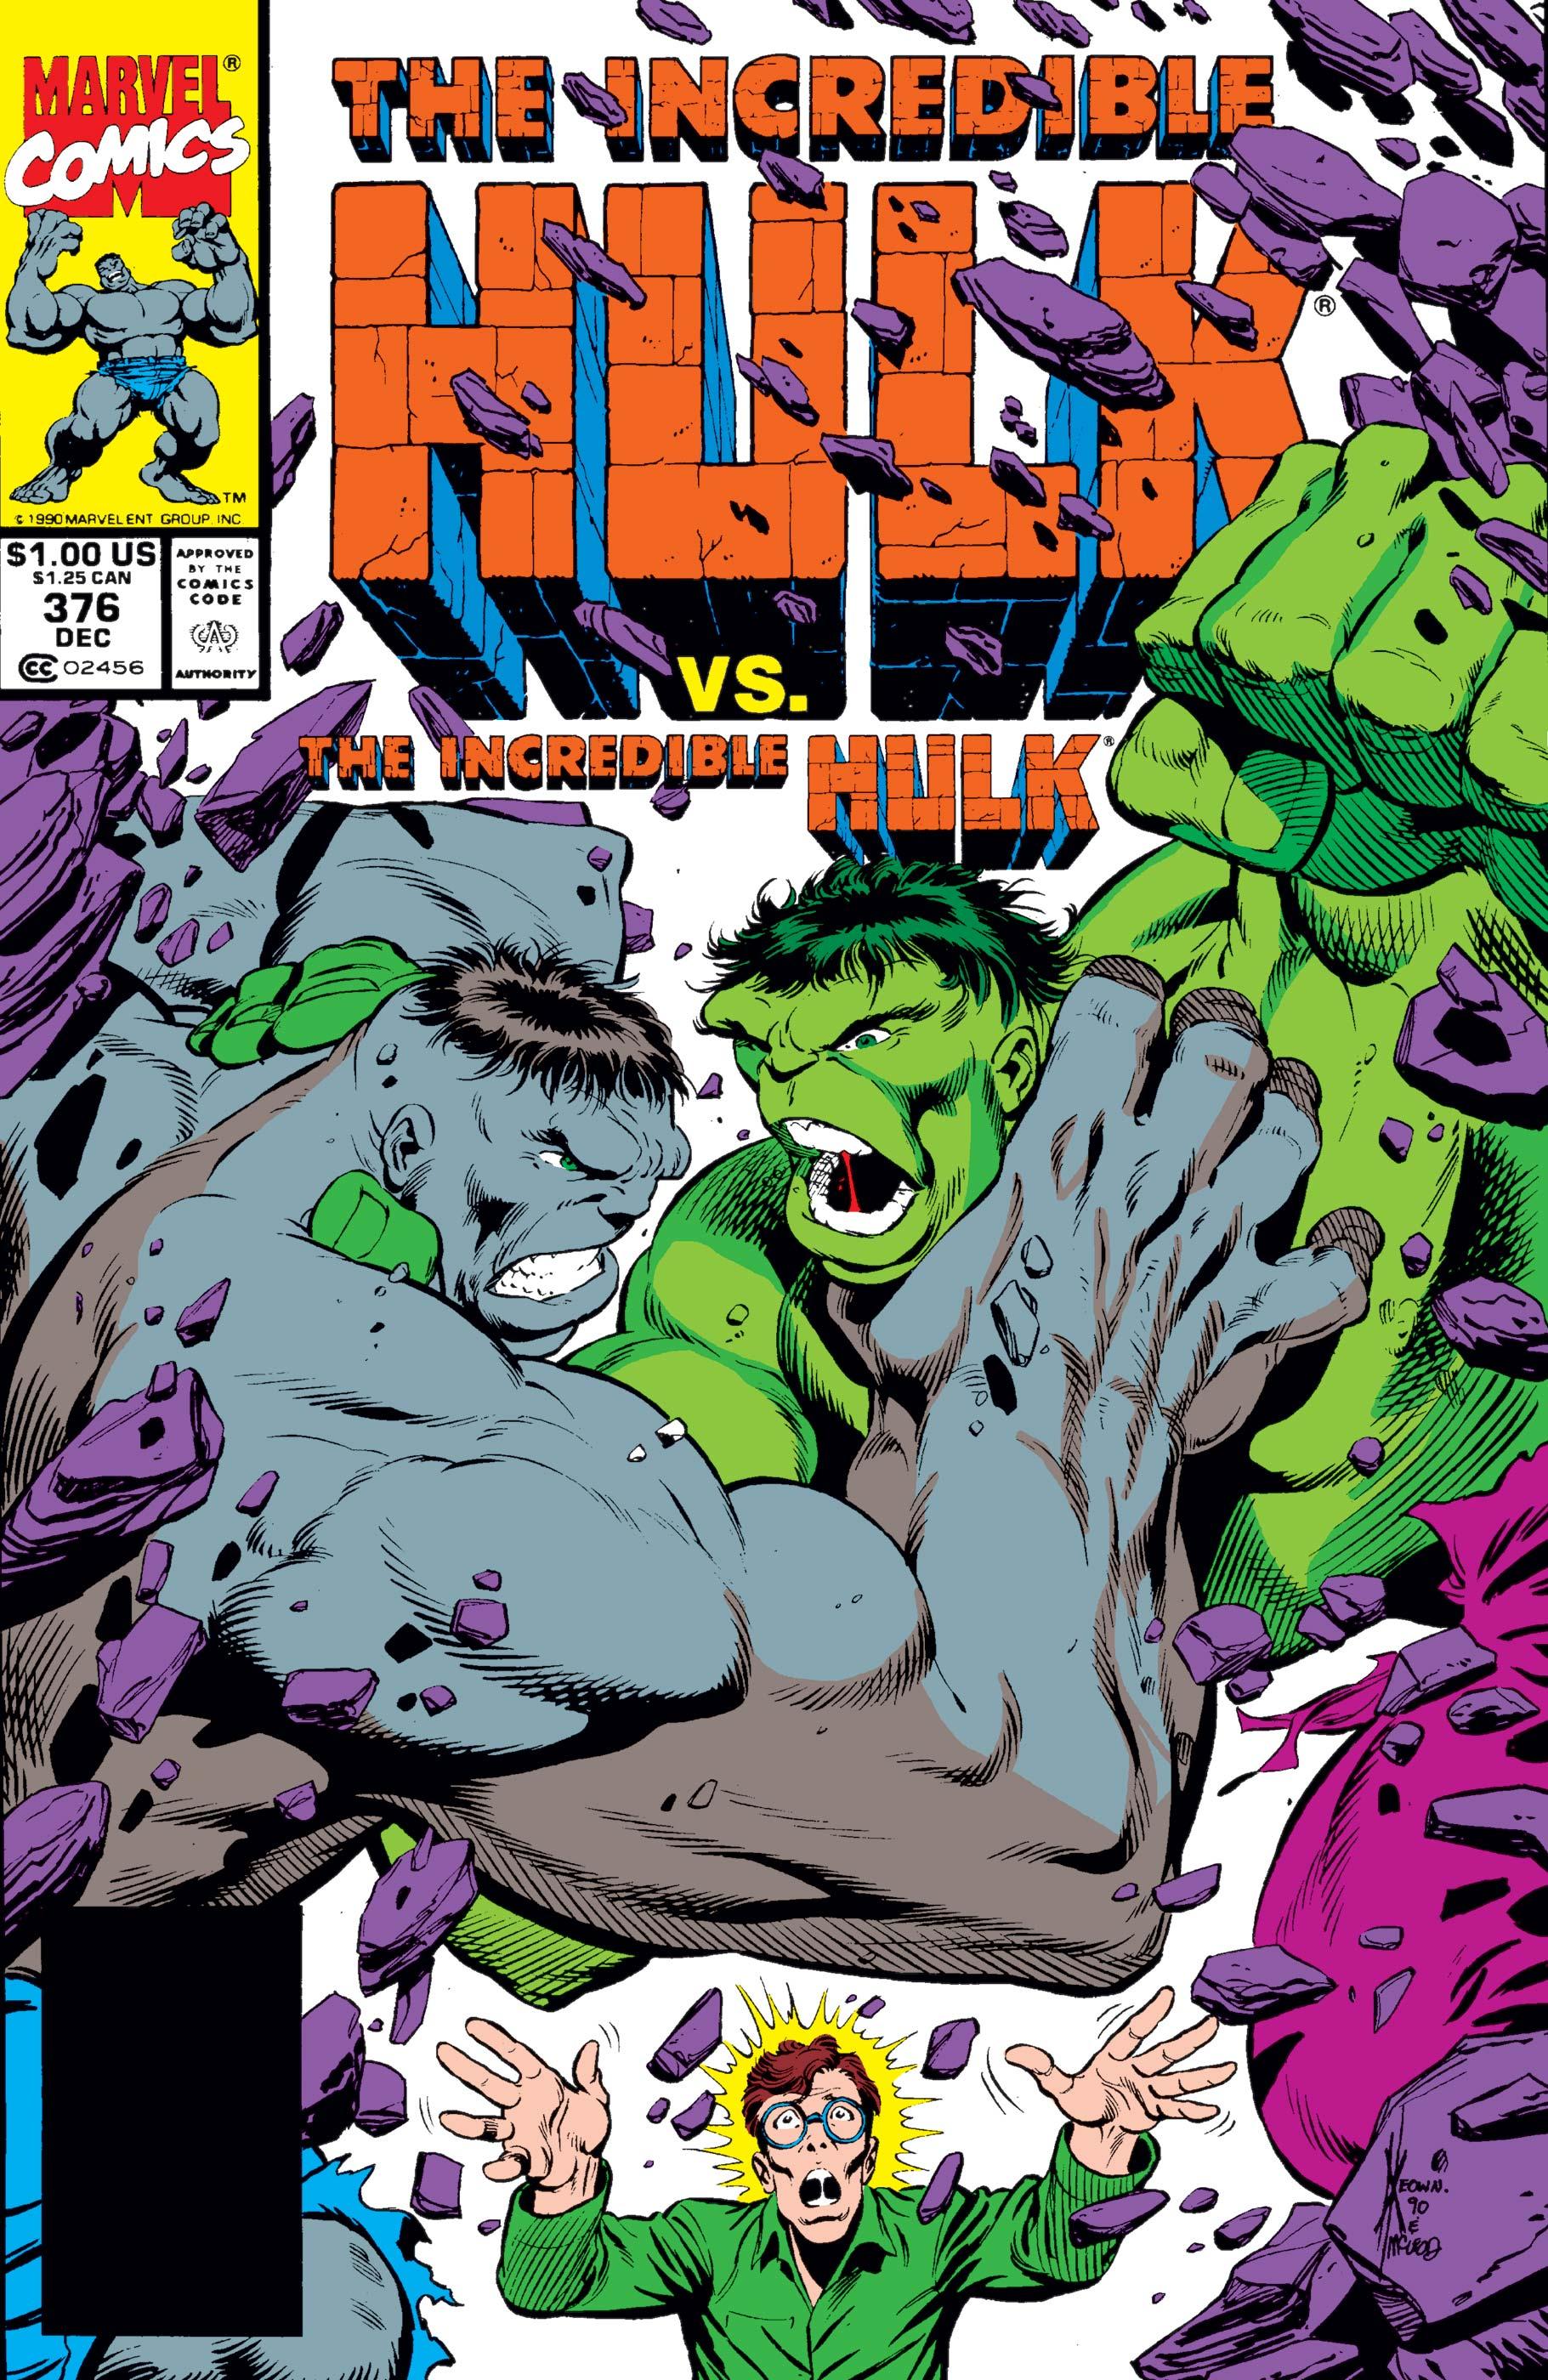 Incredible Hulk (1962) #376